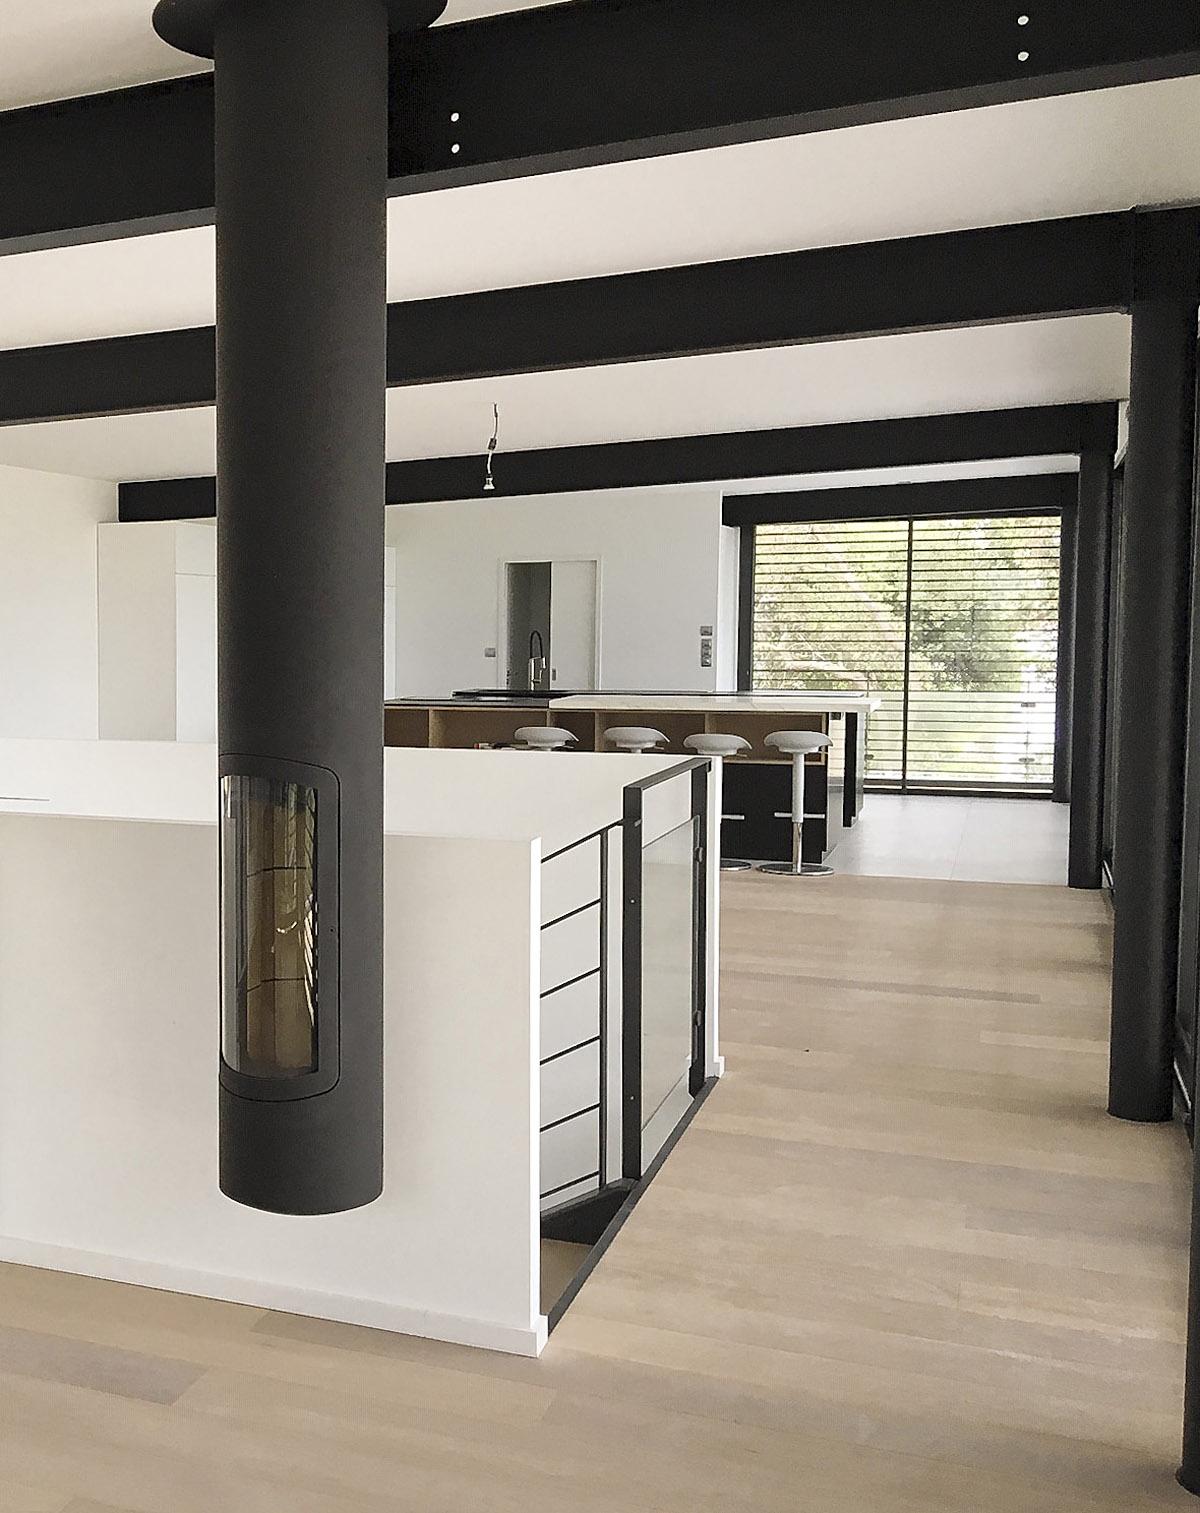 Architecture intérieure maison individuelle réalisée par l'agence DGA des Herbiers